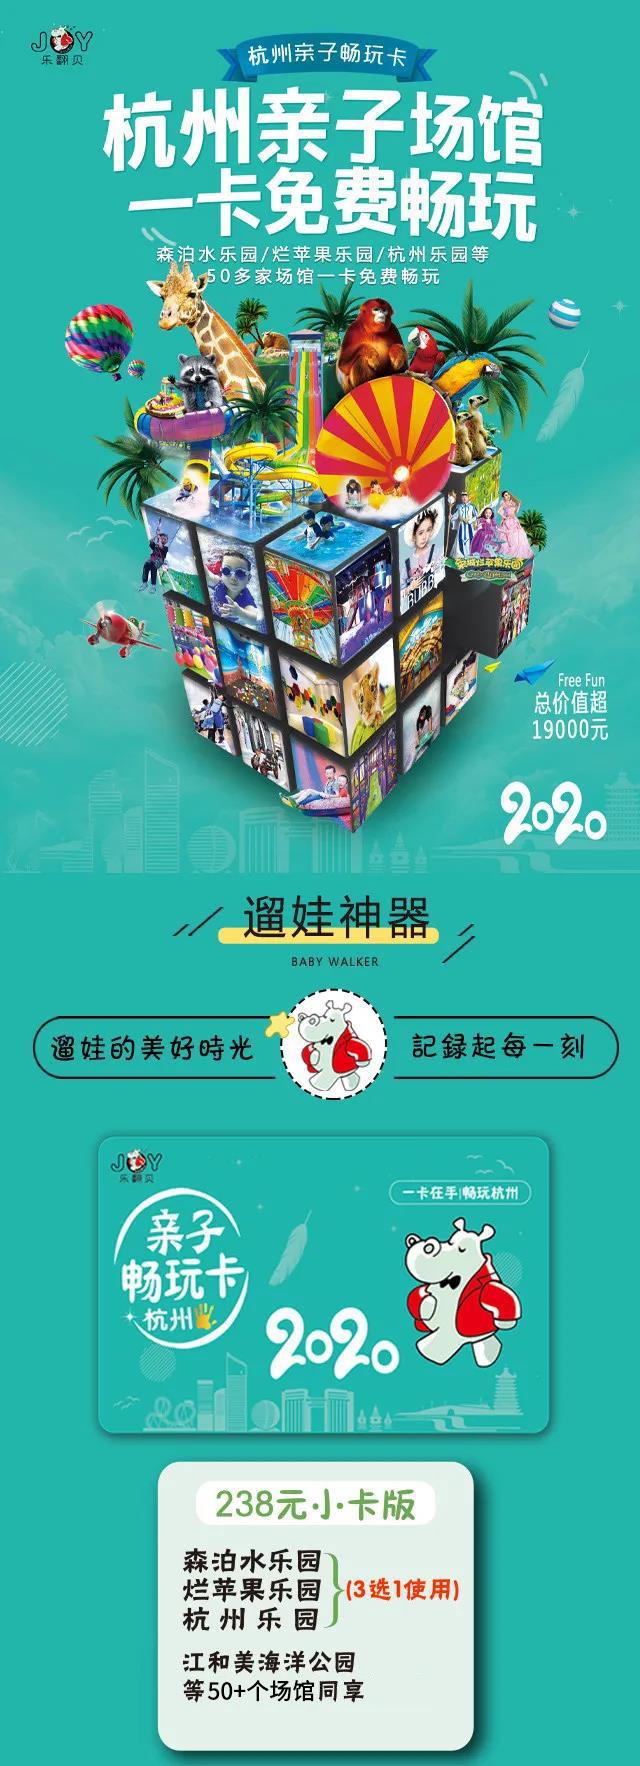 【杭州】¥238抢价值超19000元「杭州亲子畅玩卡」50多家场馆免费畅玩!森泊水乐园/烂苹果乐园/杭州乐园(3选1)等 ~